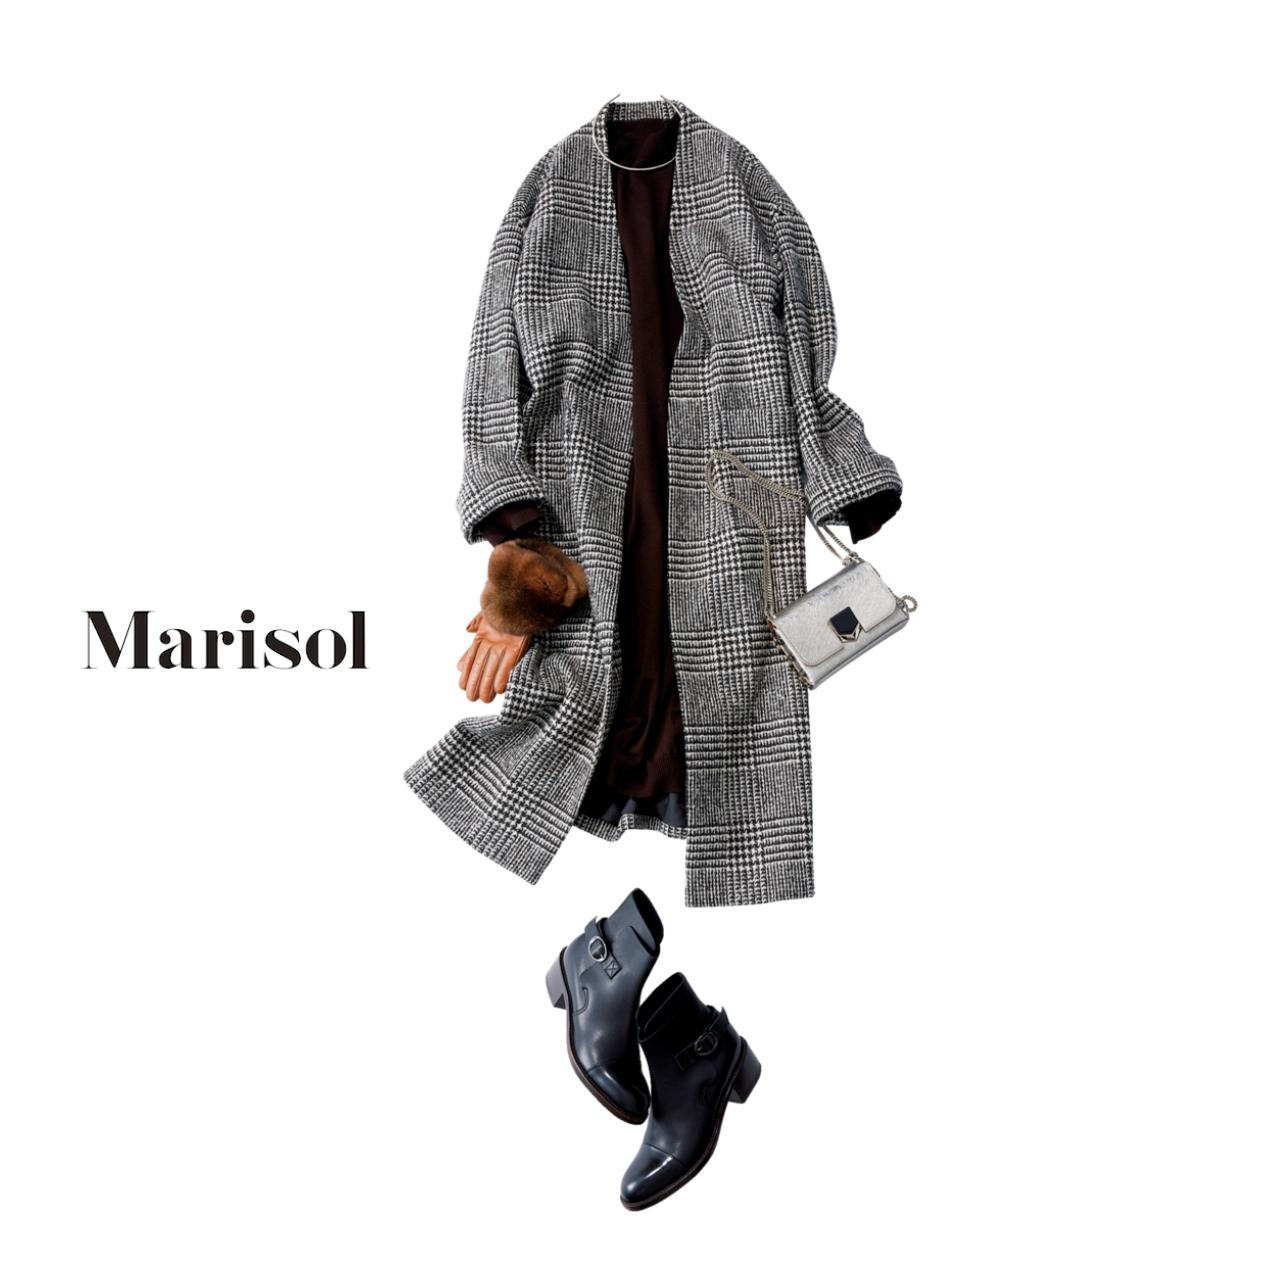 ニットワンピース×グレンチェック柄コートコーデのファッションコーデ